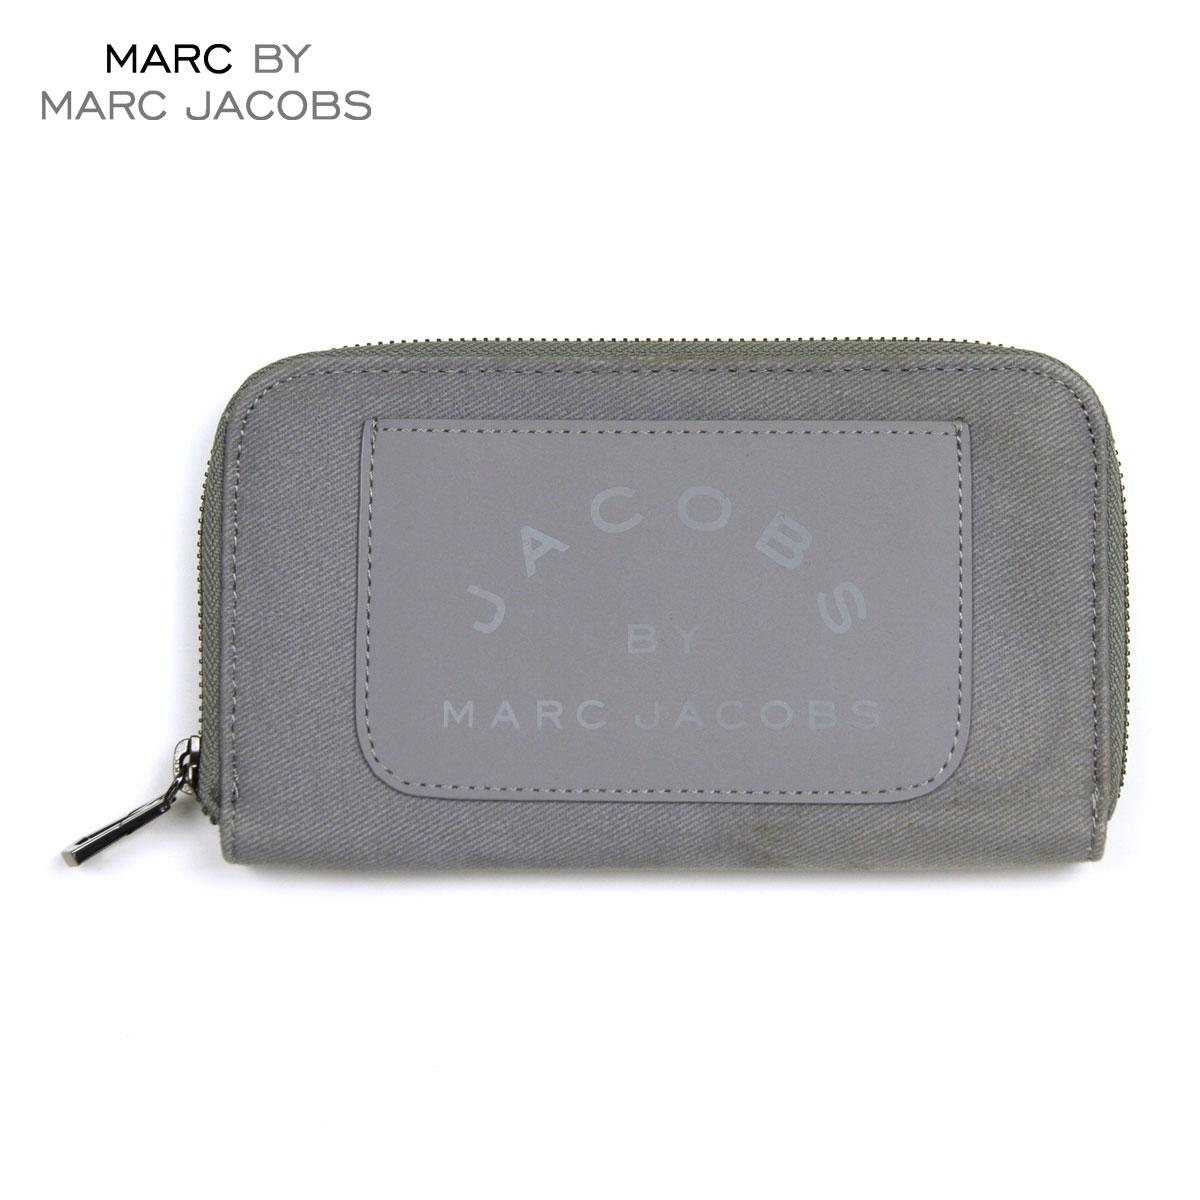 【販売期間 4/2 10:00~4/8 09:59】 マークジェイコブス MARCJACOBS 正規品 財布 Laminated Twill Jacobs Long Zip Wallet (W19*H11cm) D20S30